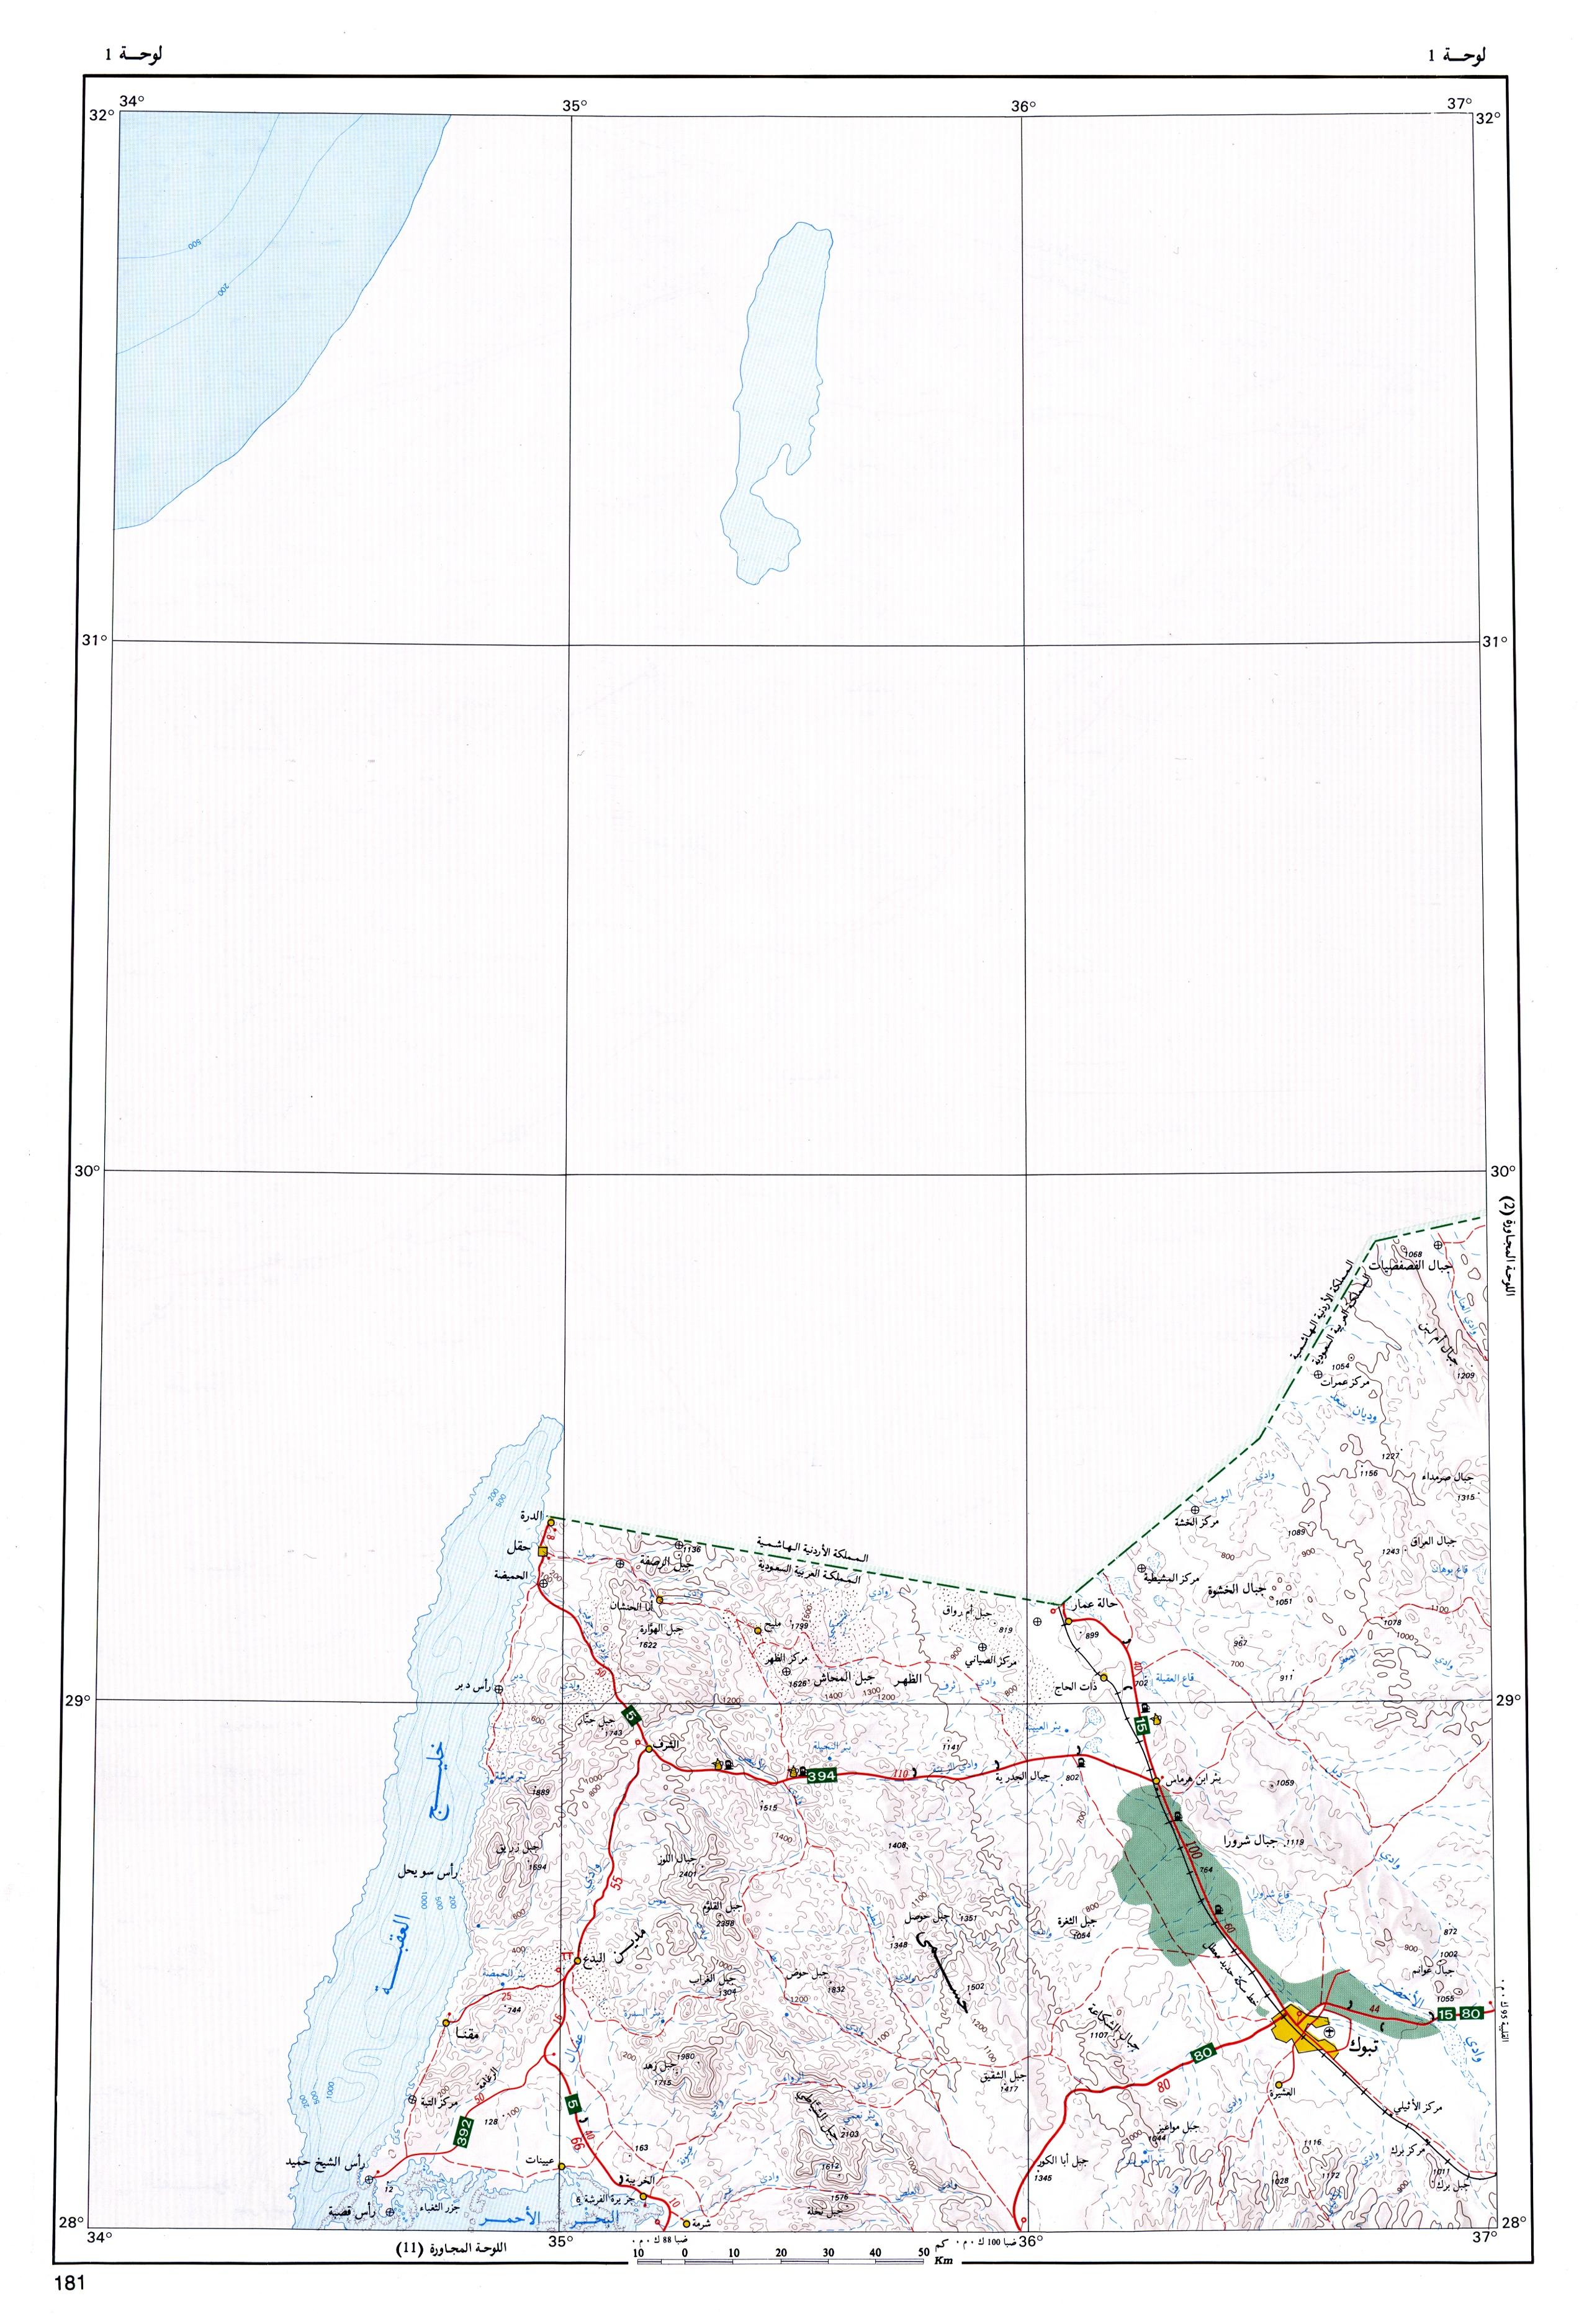 الجزيرة العربية - خرائط لمدن Fig-01